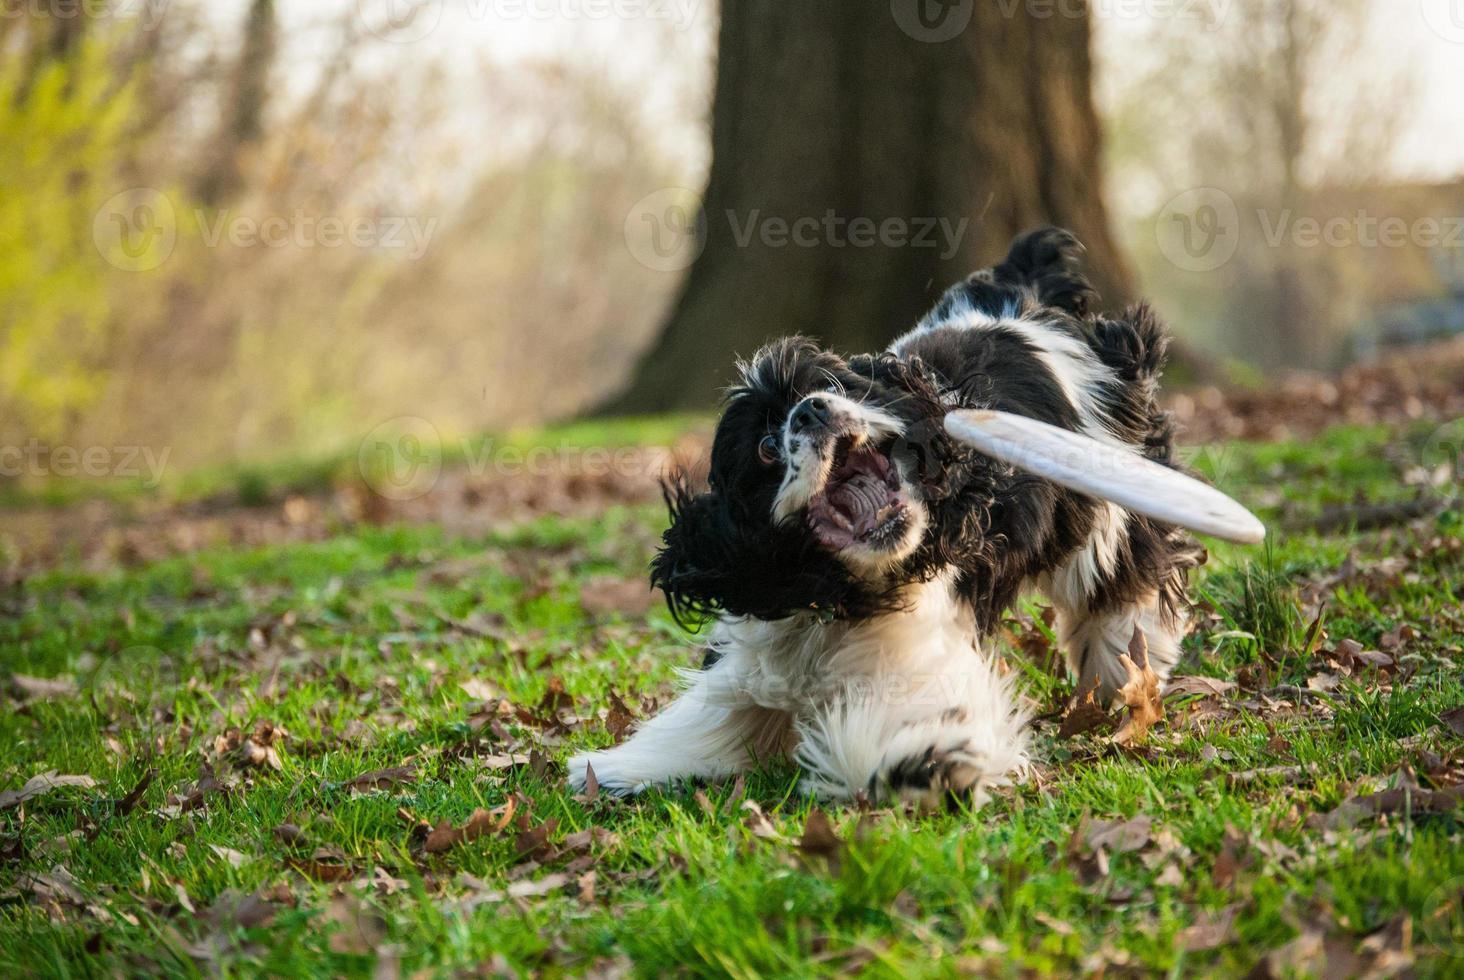 cocker spaniel hond een frisbee vangen in park met gras foto